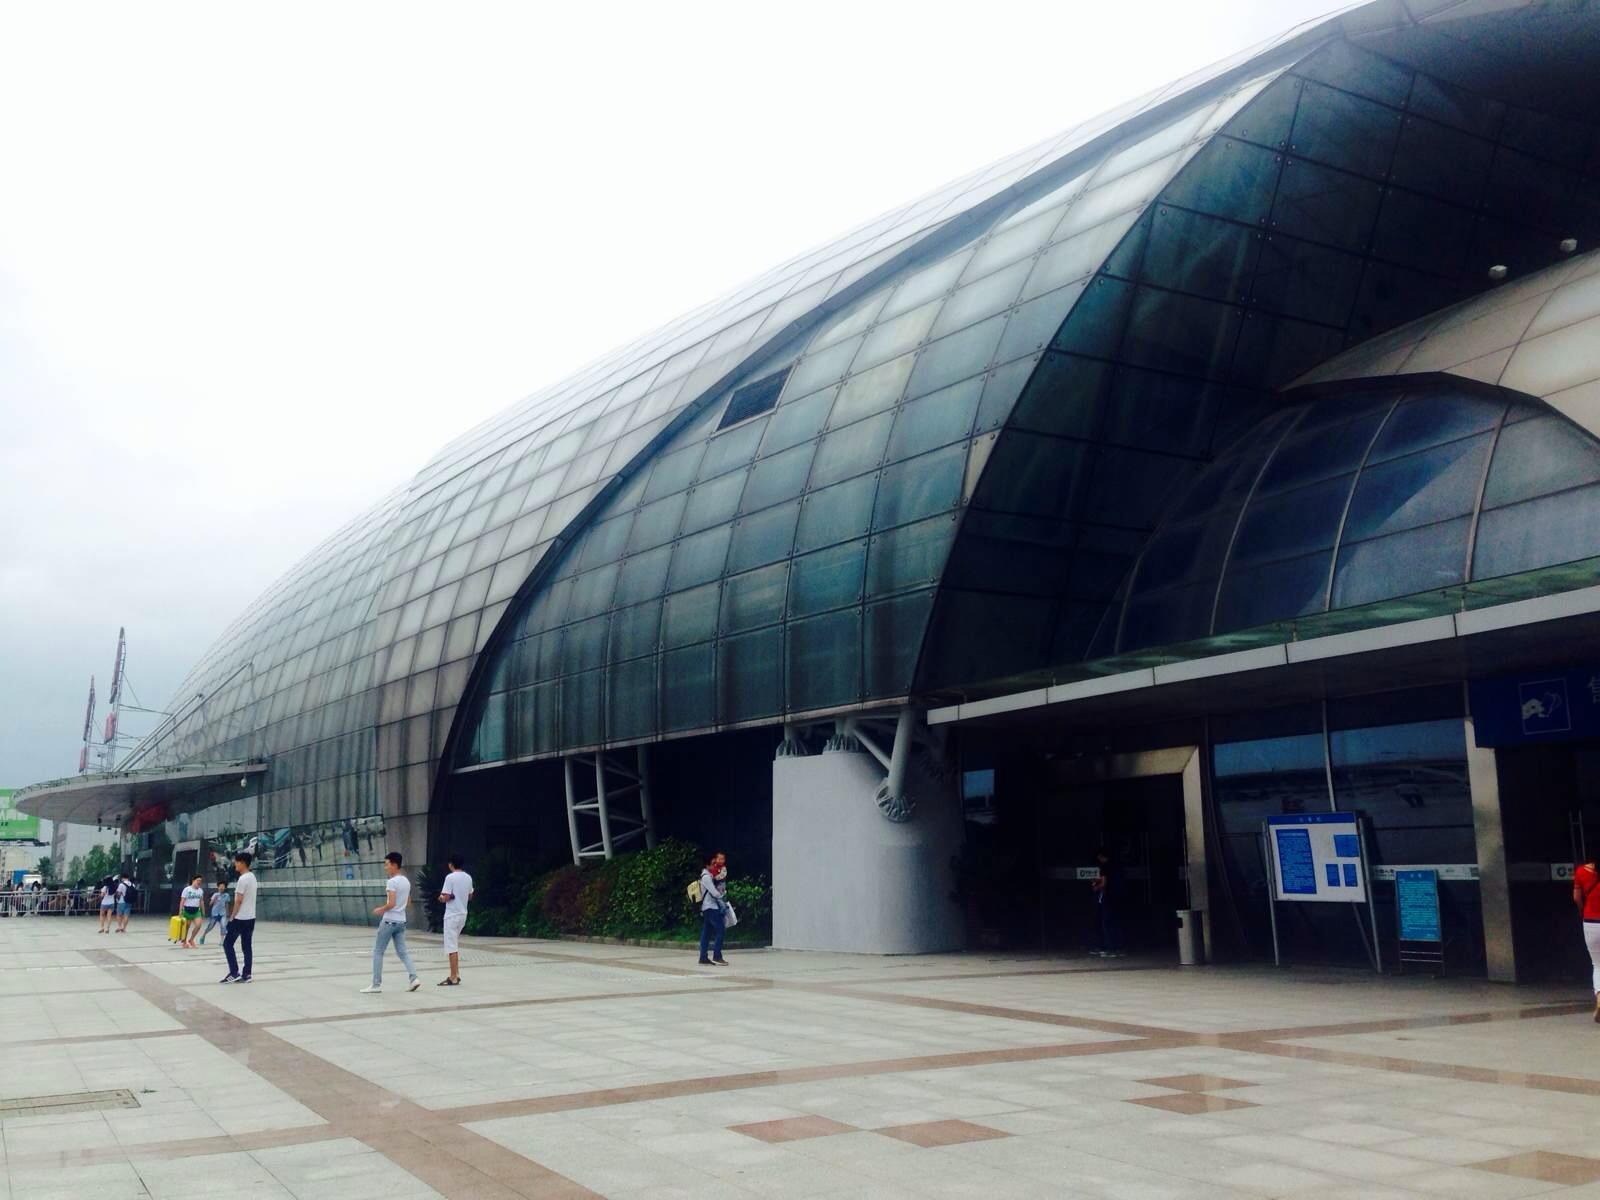 南通站_想知道: 南通市 从南通火车站-出站口到如东县怎么坐公交